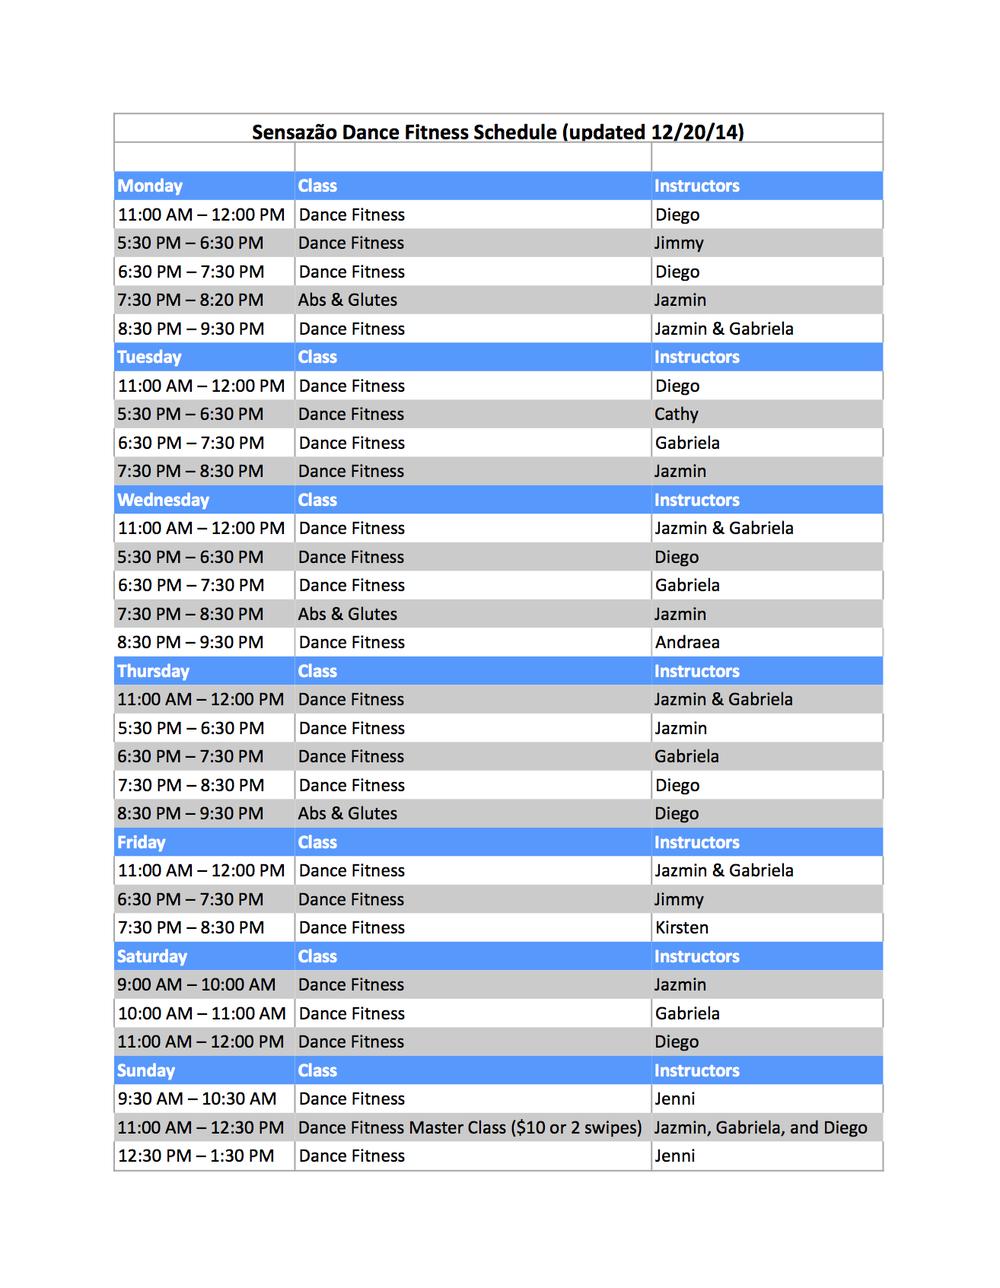 Schedule 12/20/14